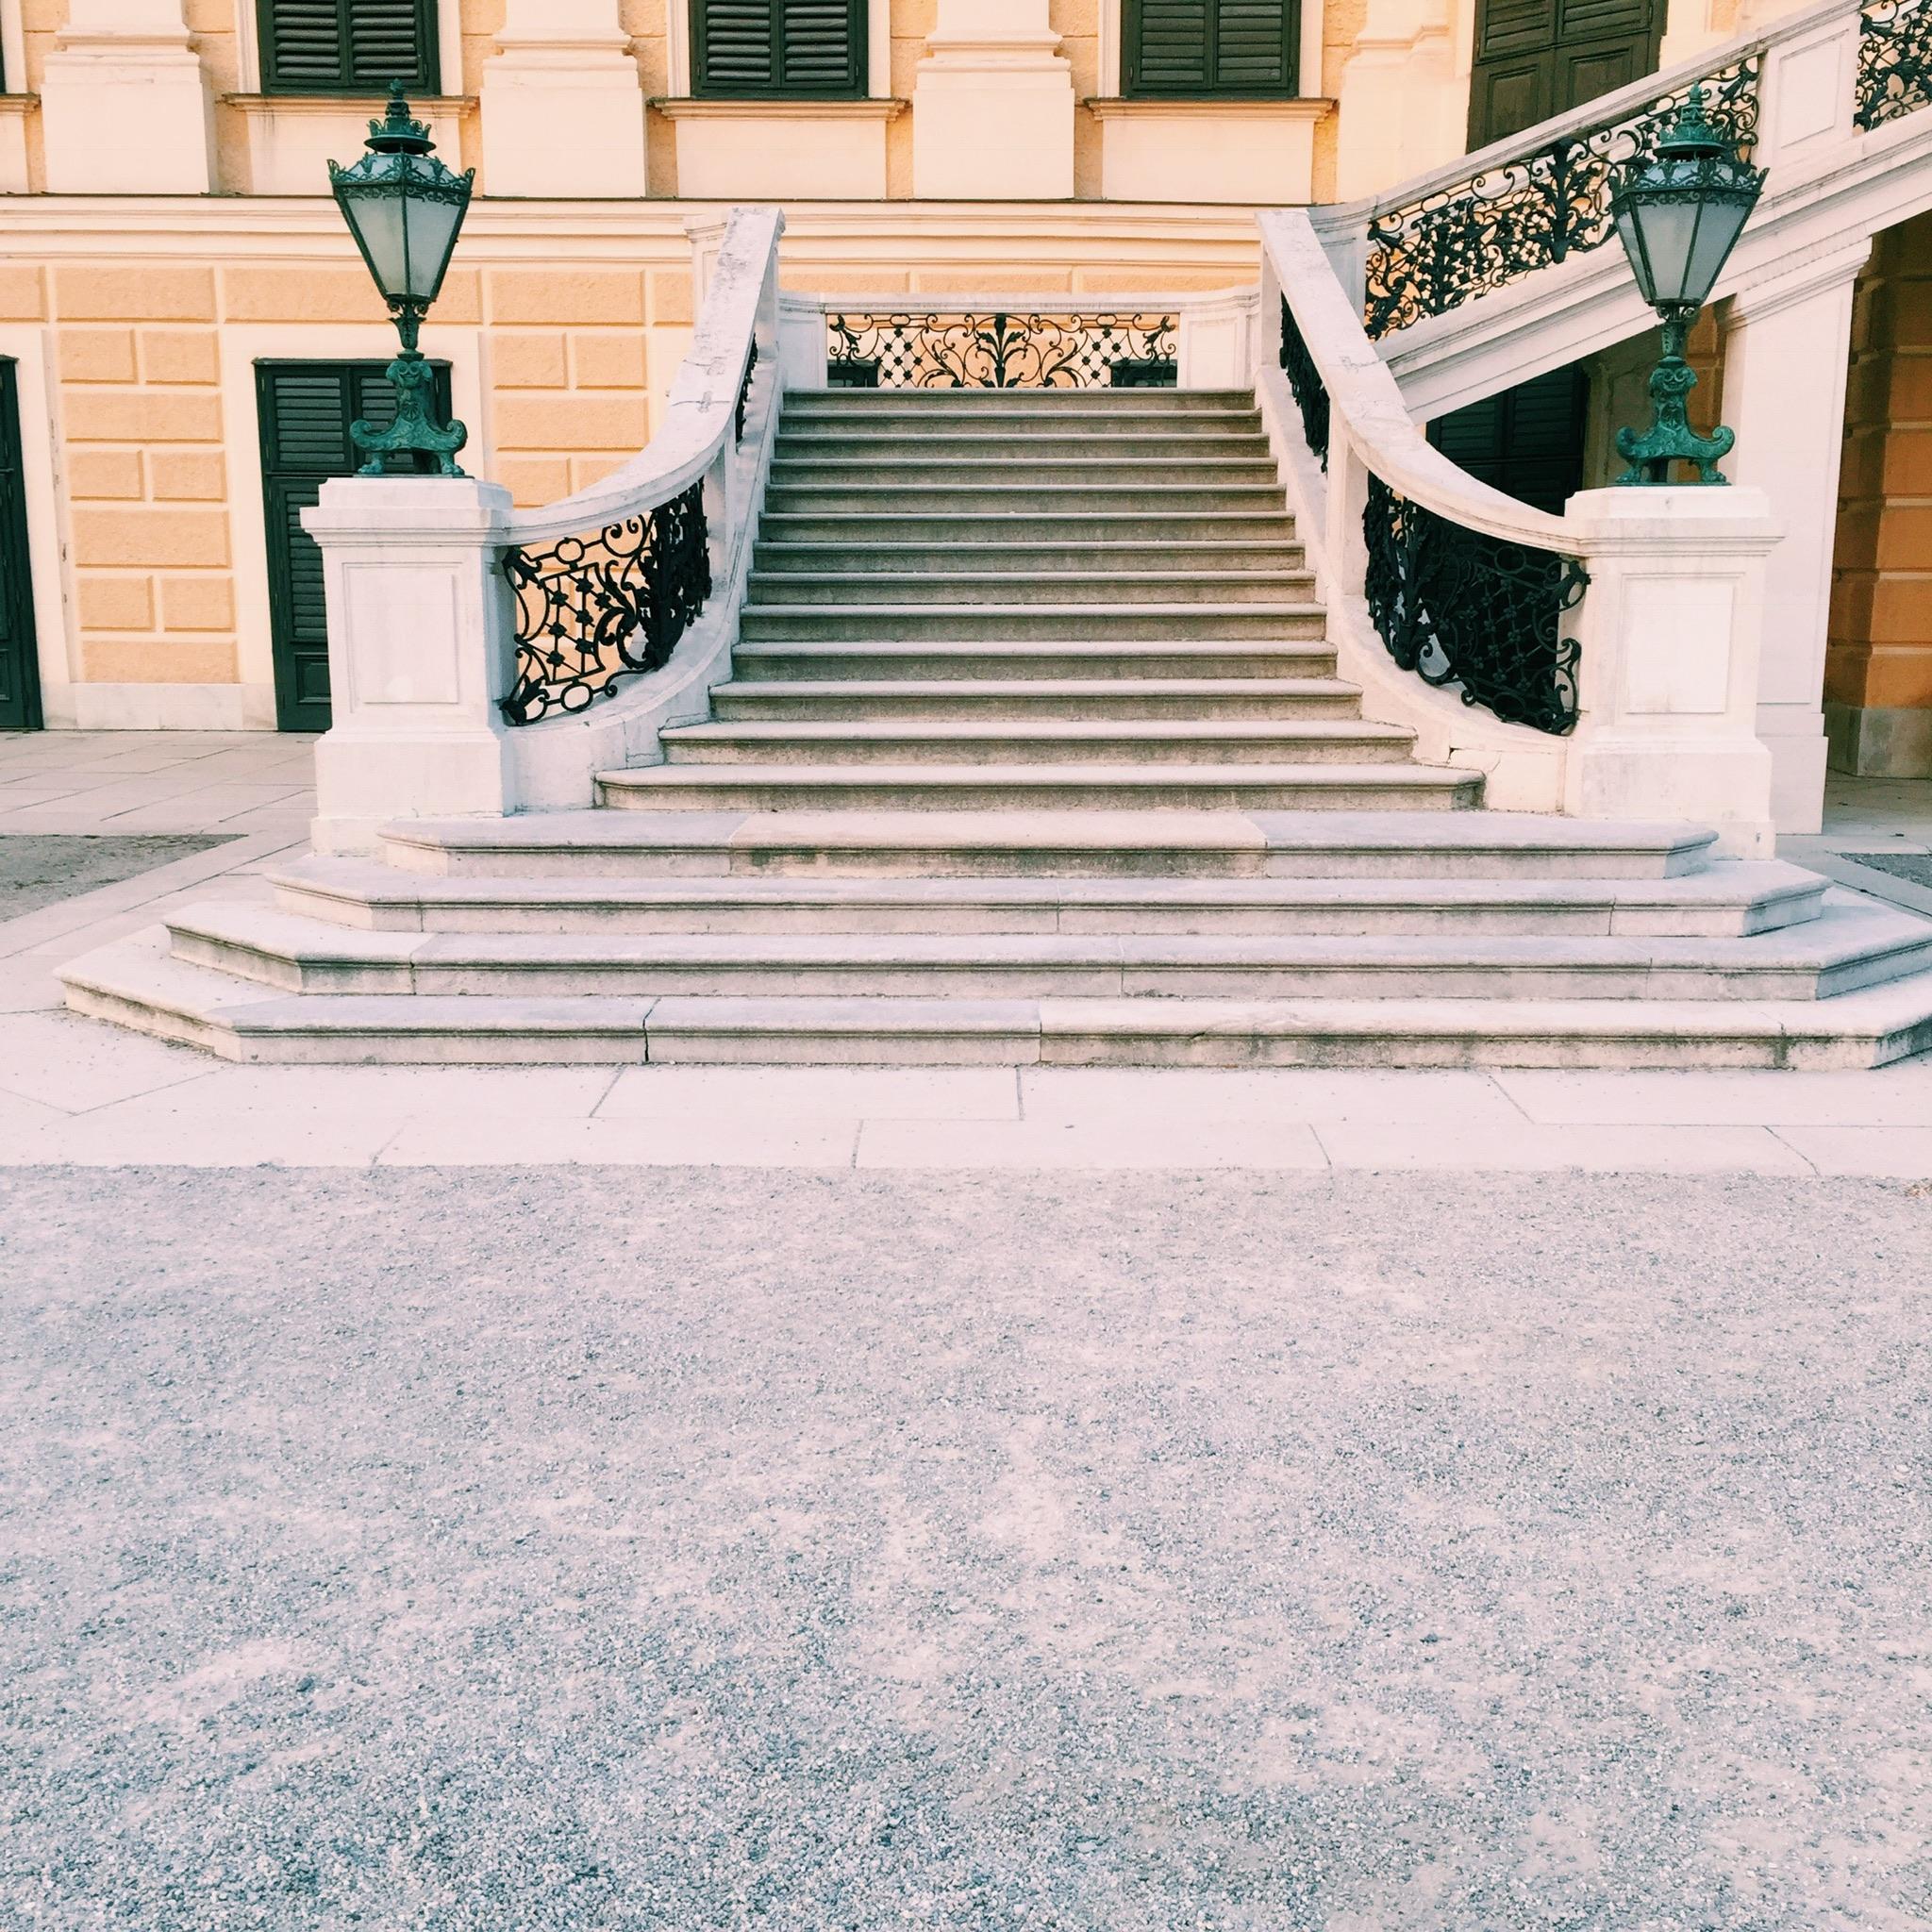 Besuch der Modebloggerin in Wien